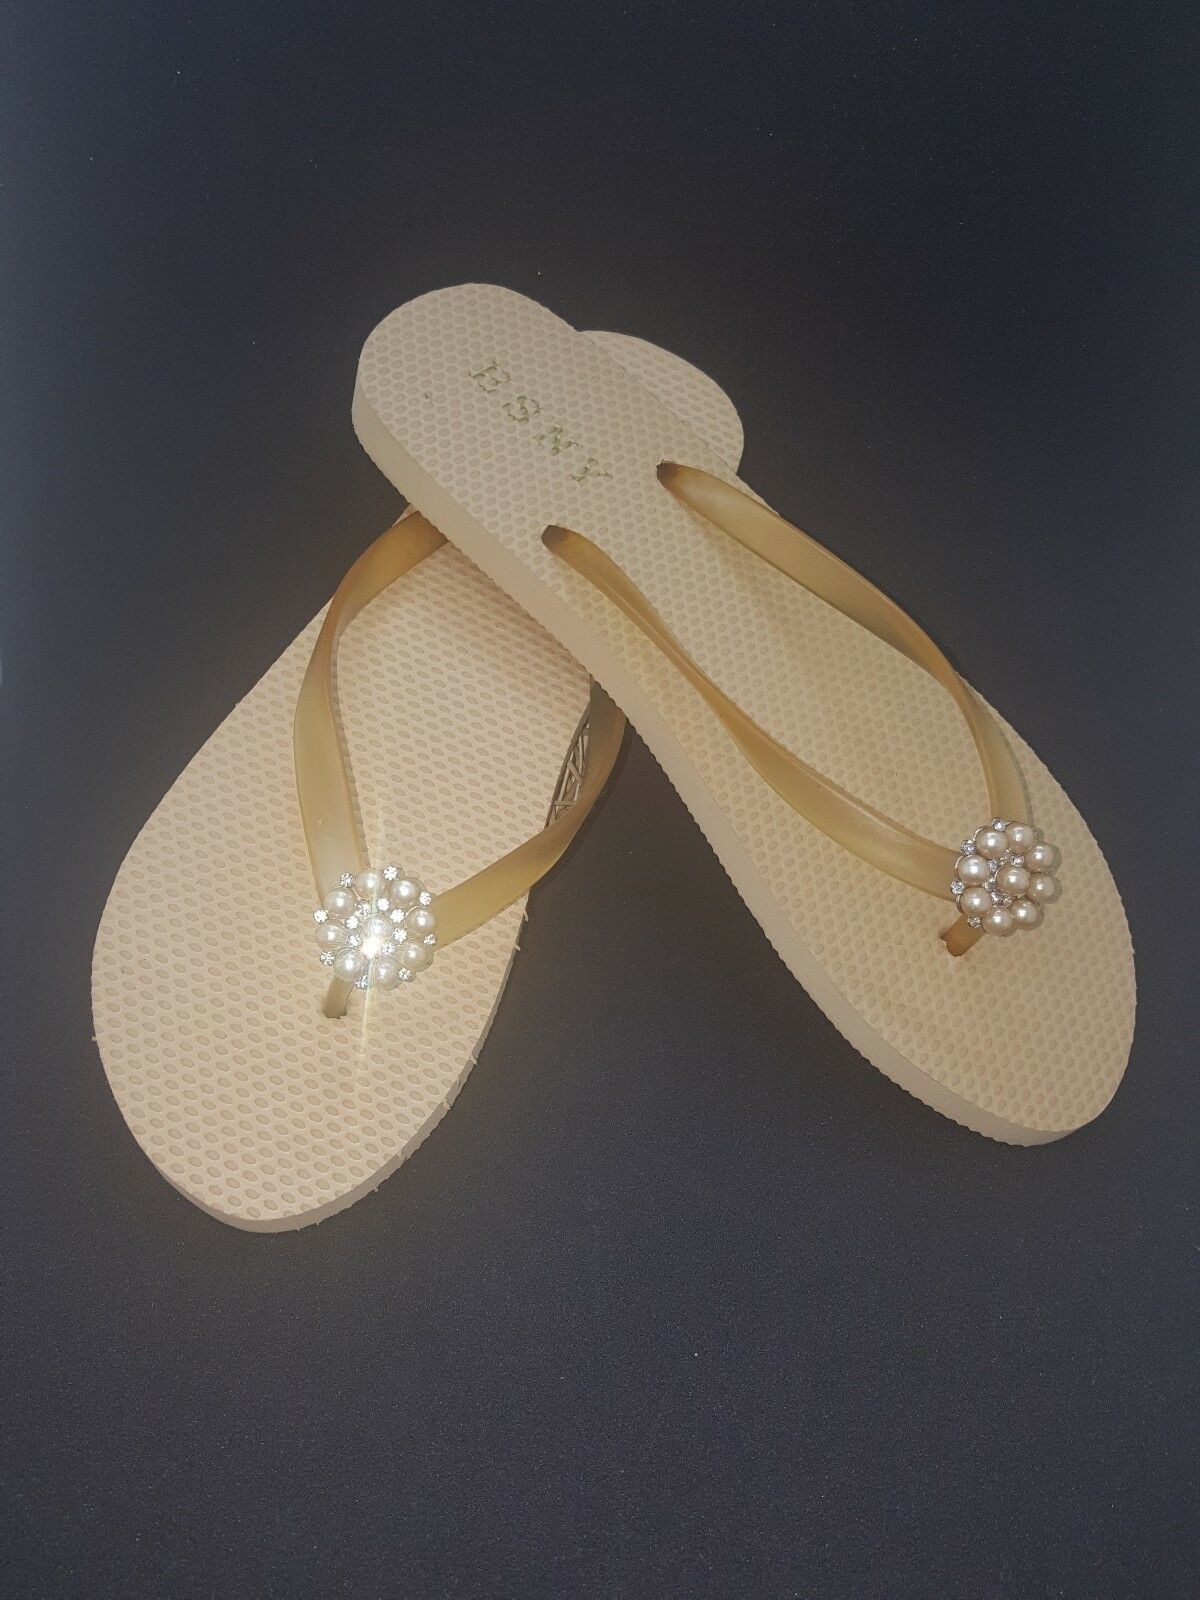 ESNY Flip Flop With Size Diamond Stone Beige  Size With 9 f11030